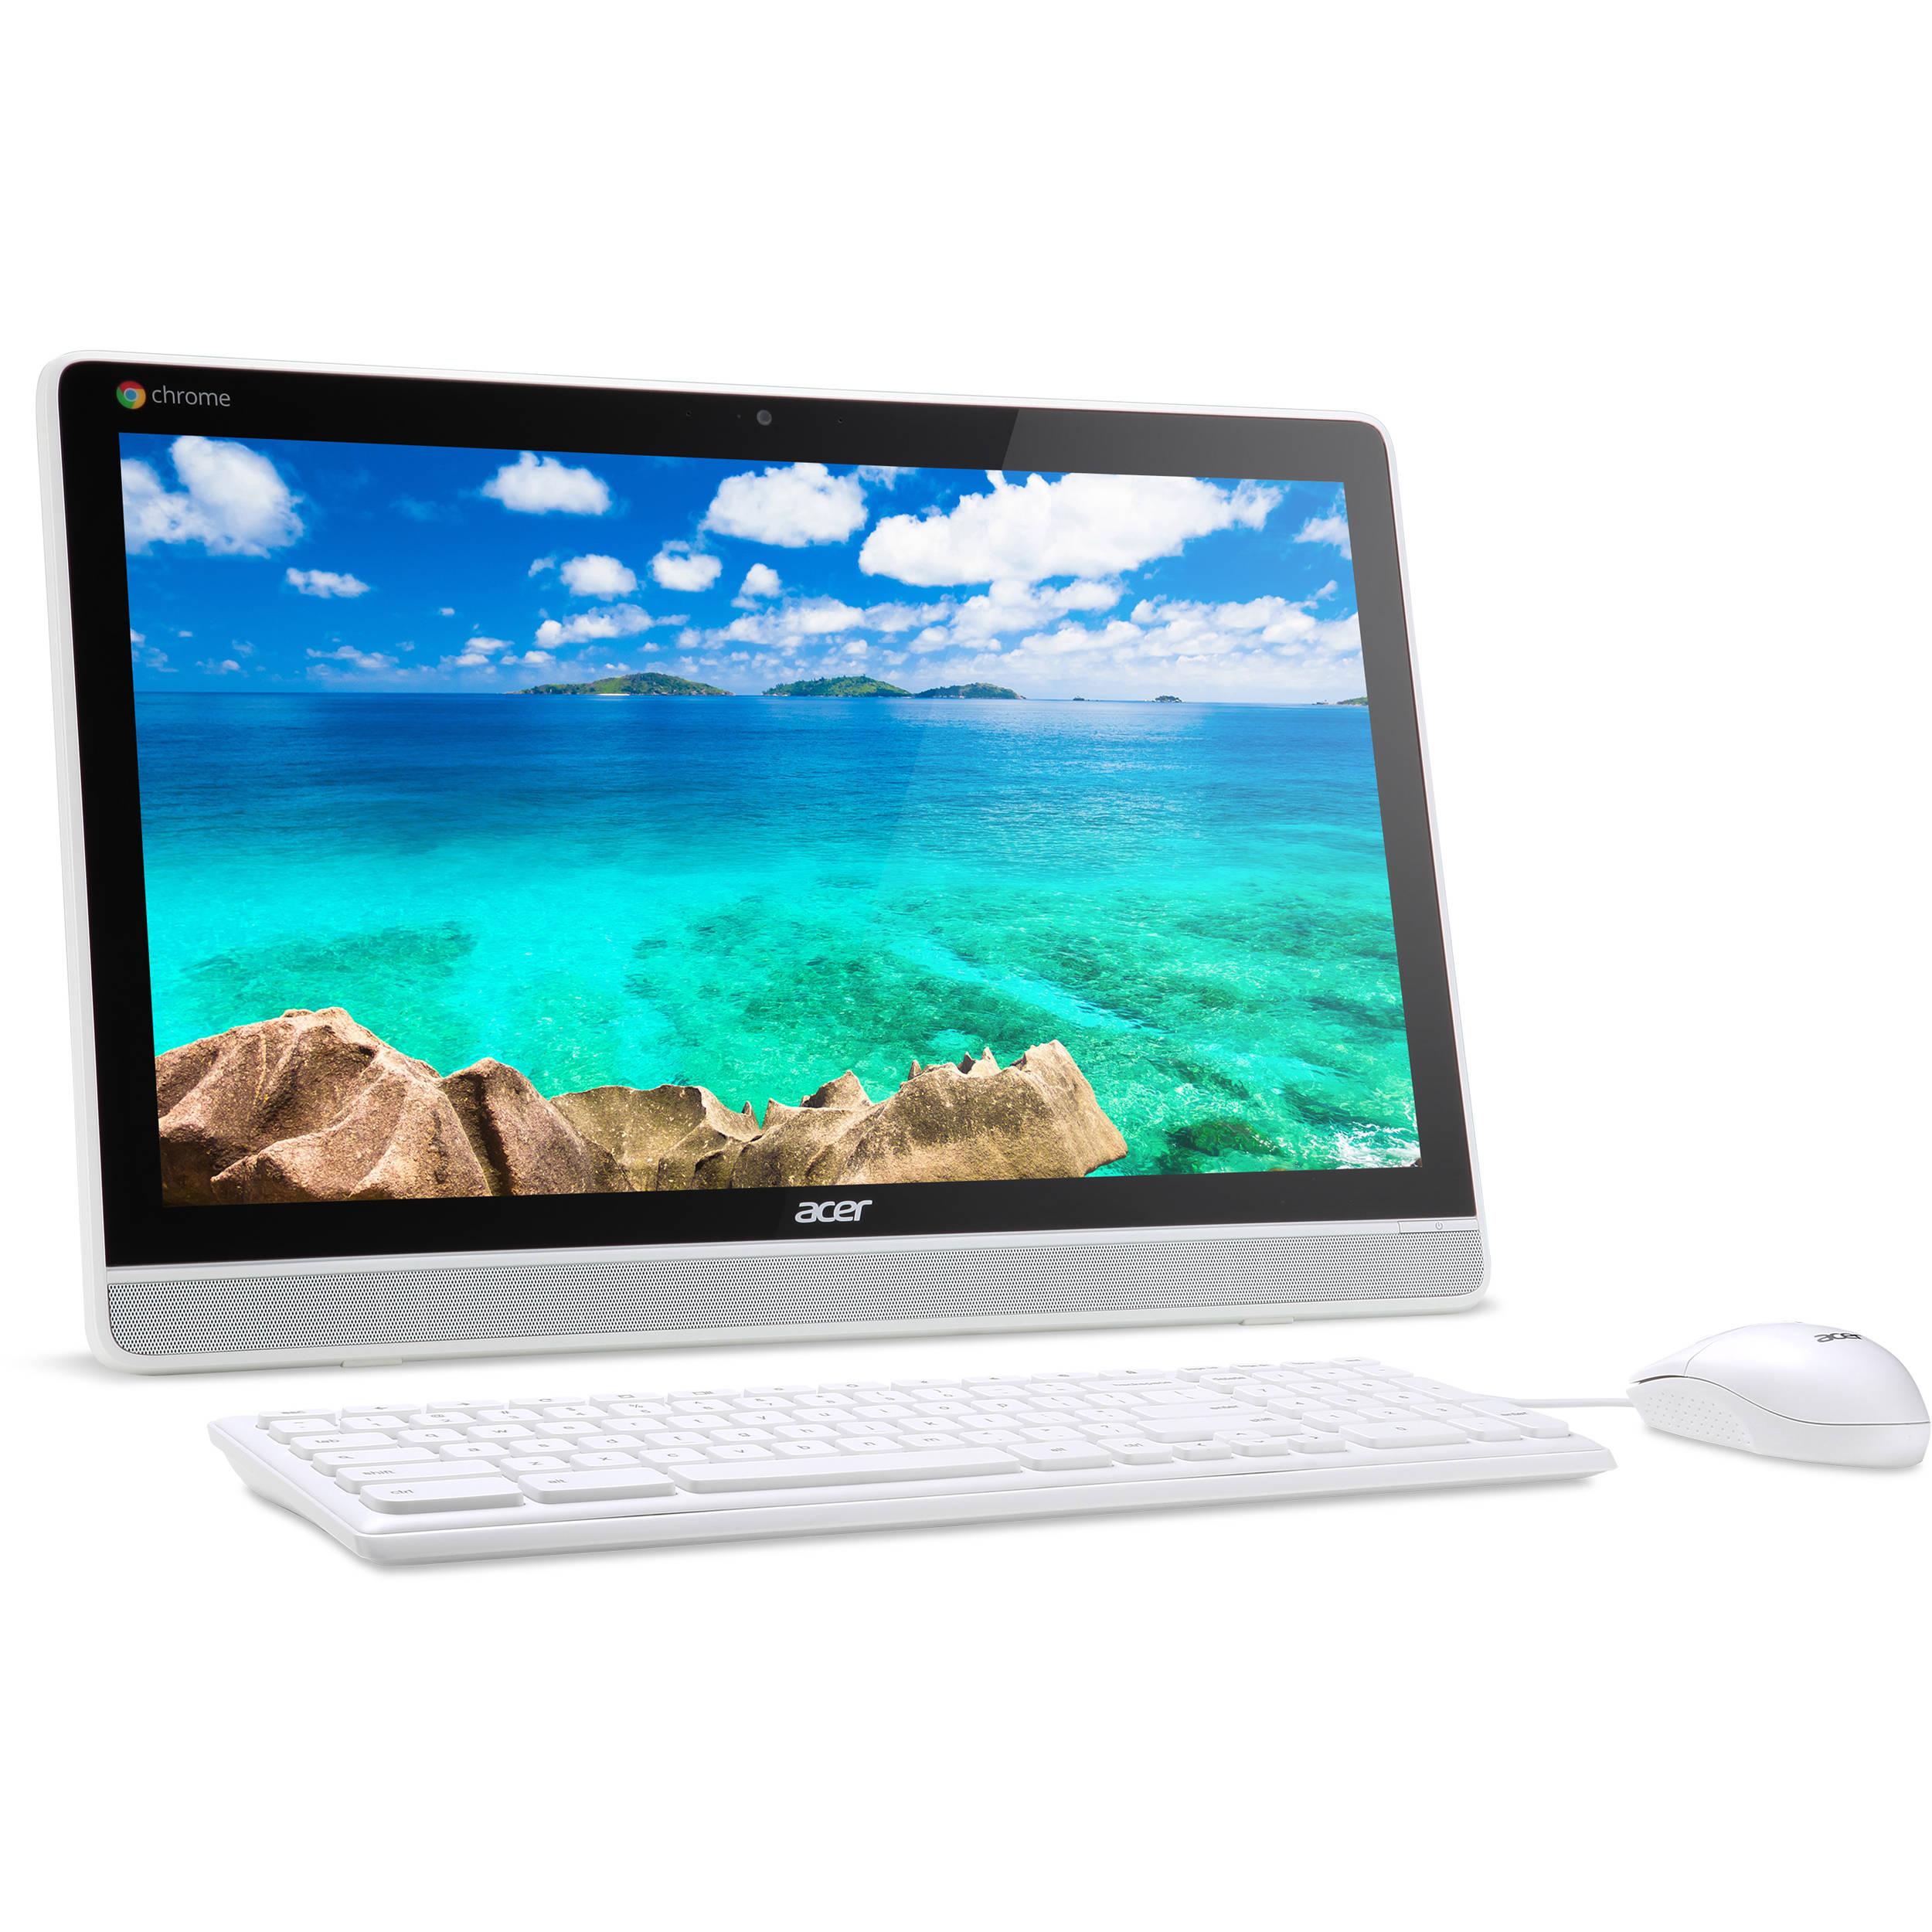 hp slim desktop 260 a010 manual